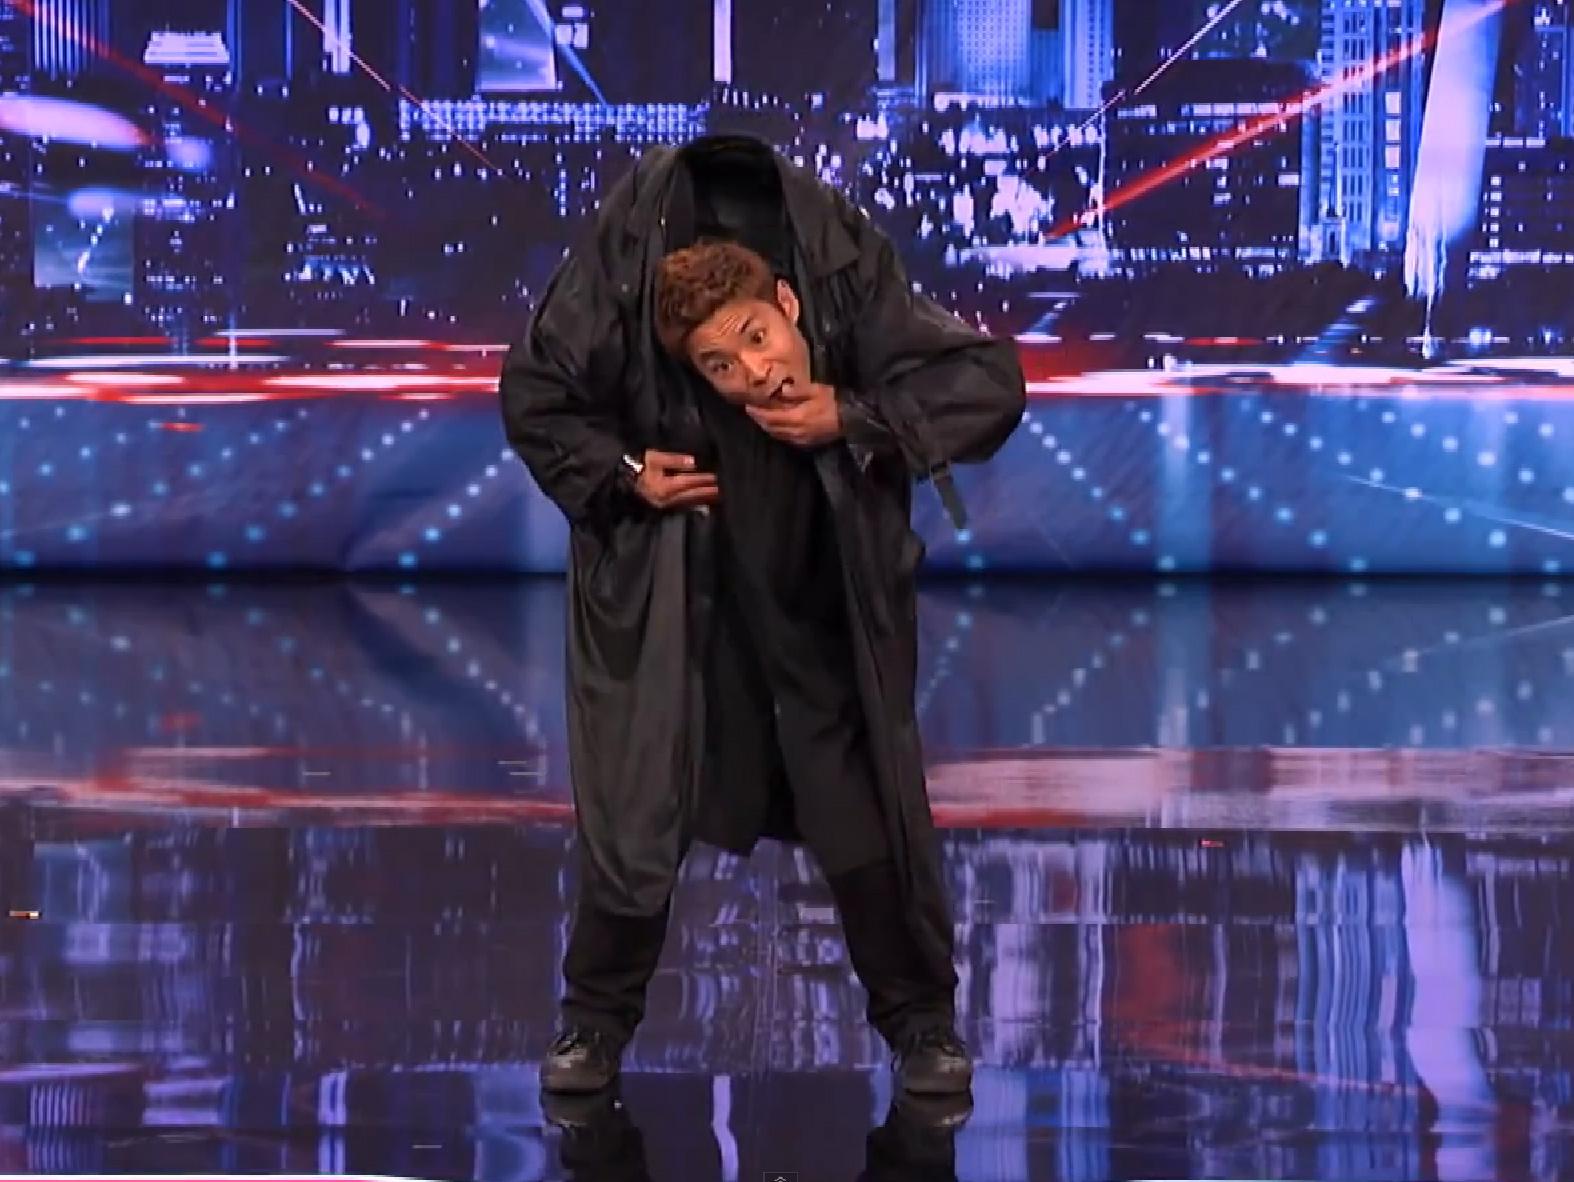 蛯名健一の首落ちマジックダンスのタネは?賞金100万ドルを手にしたパフォーマーに迫る!【動画あり】